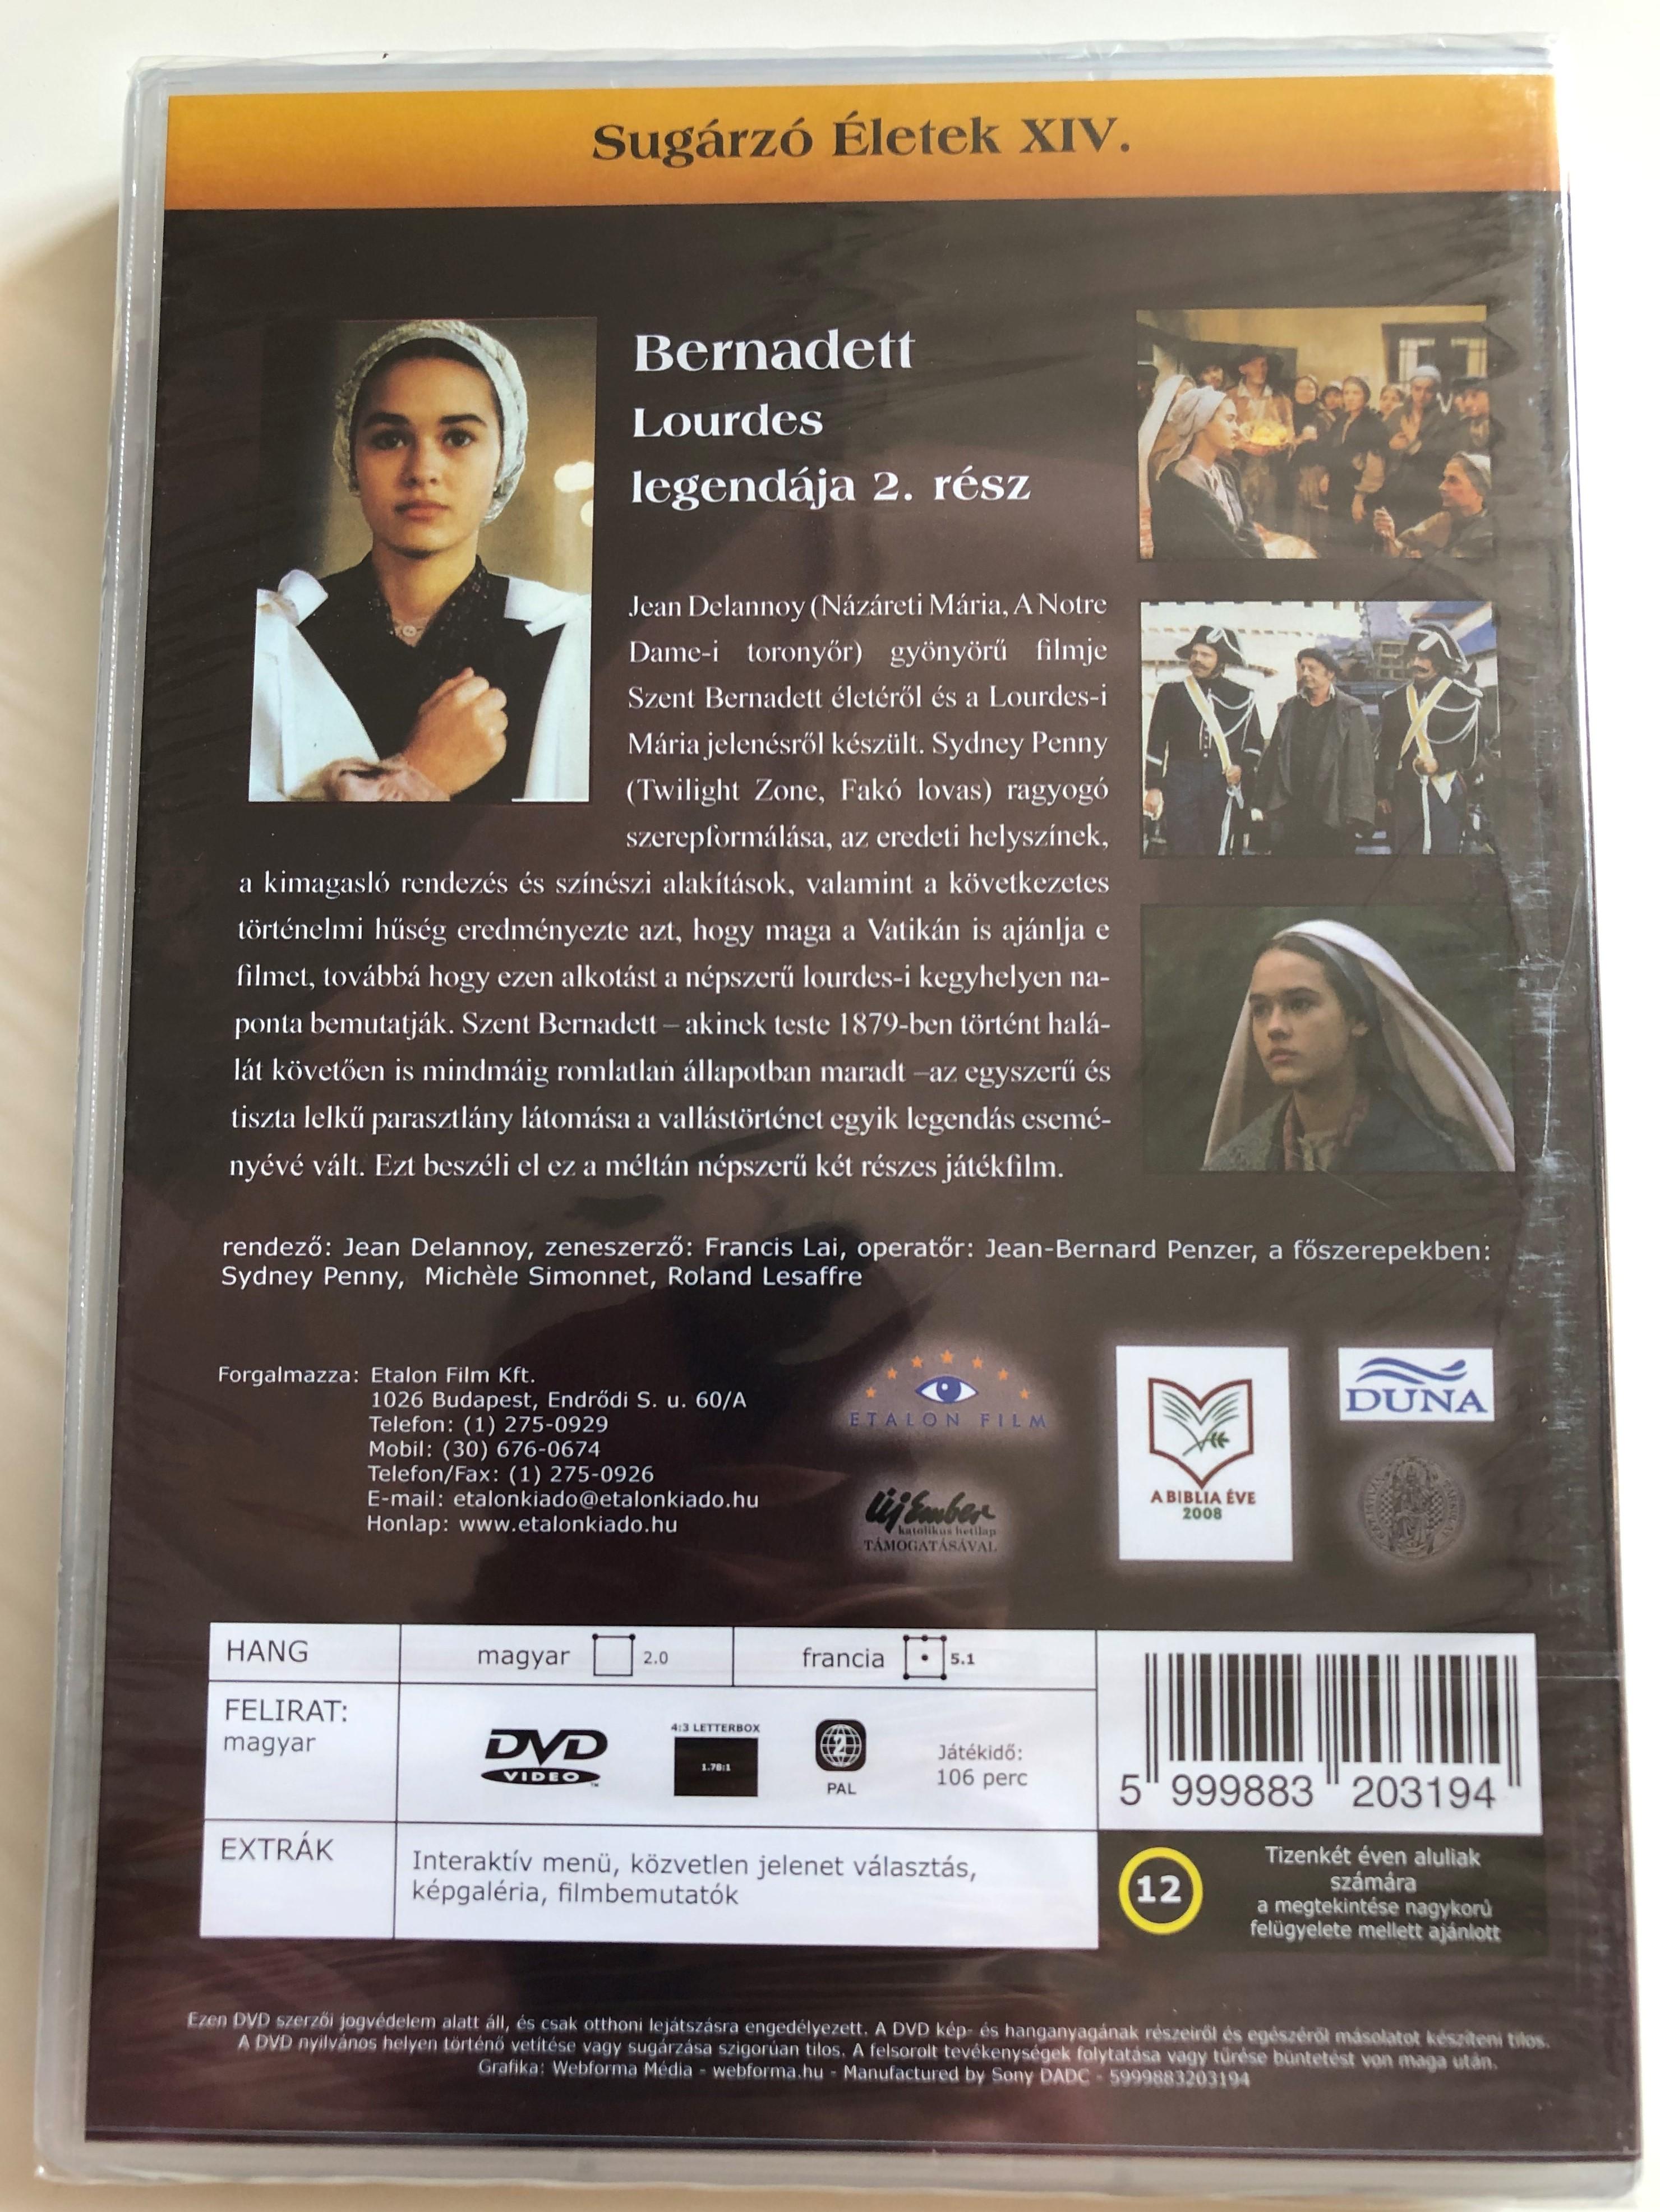 la-passion-de-bernadette-part-ii.-dvd-1989-bernadett-lourdes-legend-ja-2.-r-sz-directed-by-jean-delannoy-starring-sydney-penny-mich-le-simonnet-roland-lesaffre-sug-rz-letek-xiv.-2-.jpg